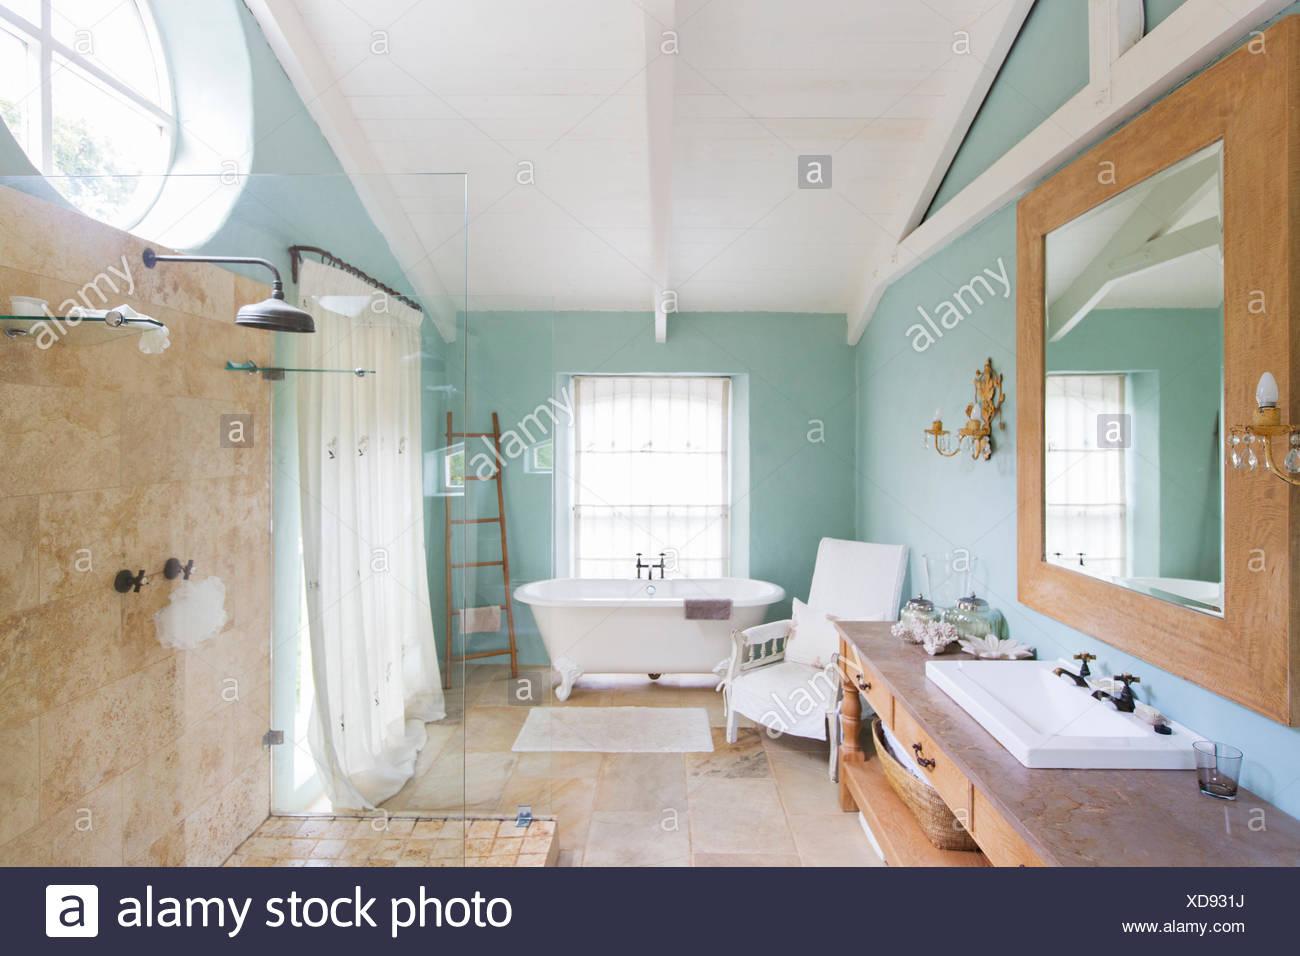 Badewanne Und Dusche In Rustikale Badezimmer